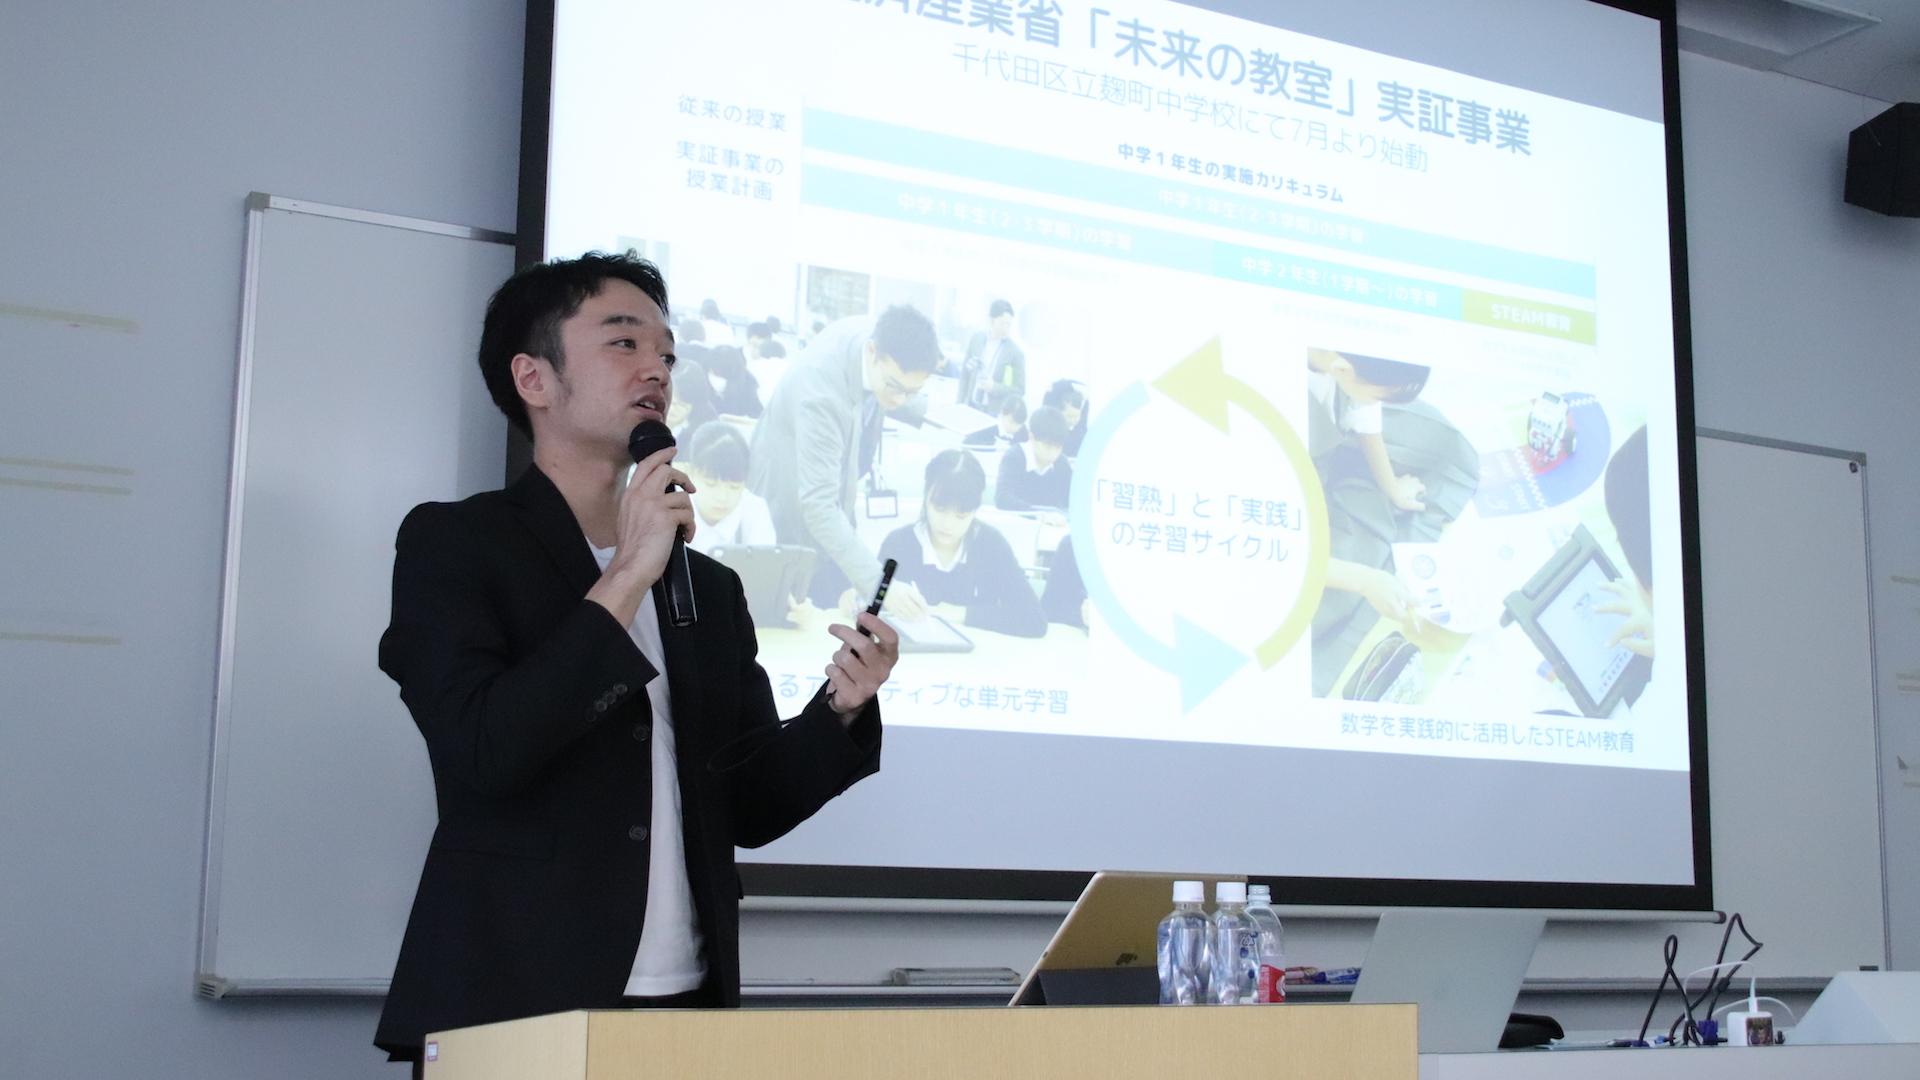 早稲田大学での講義を行いました